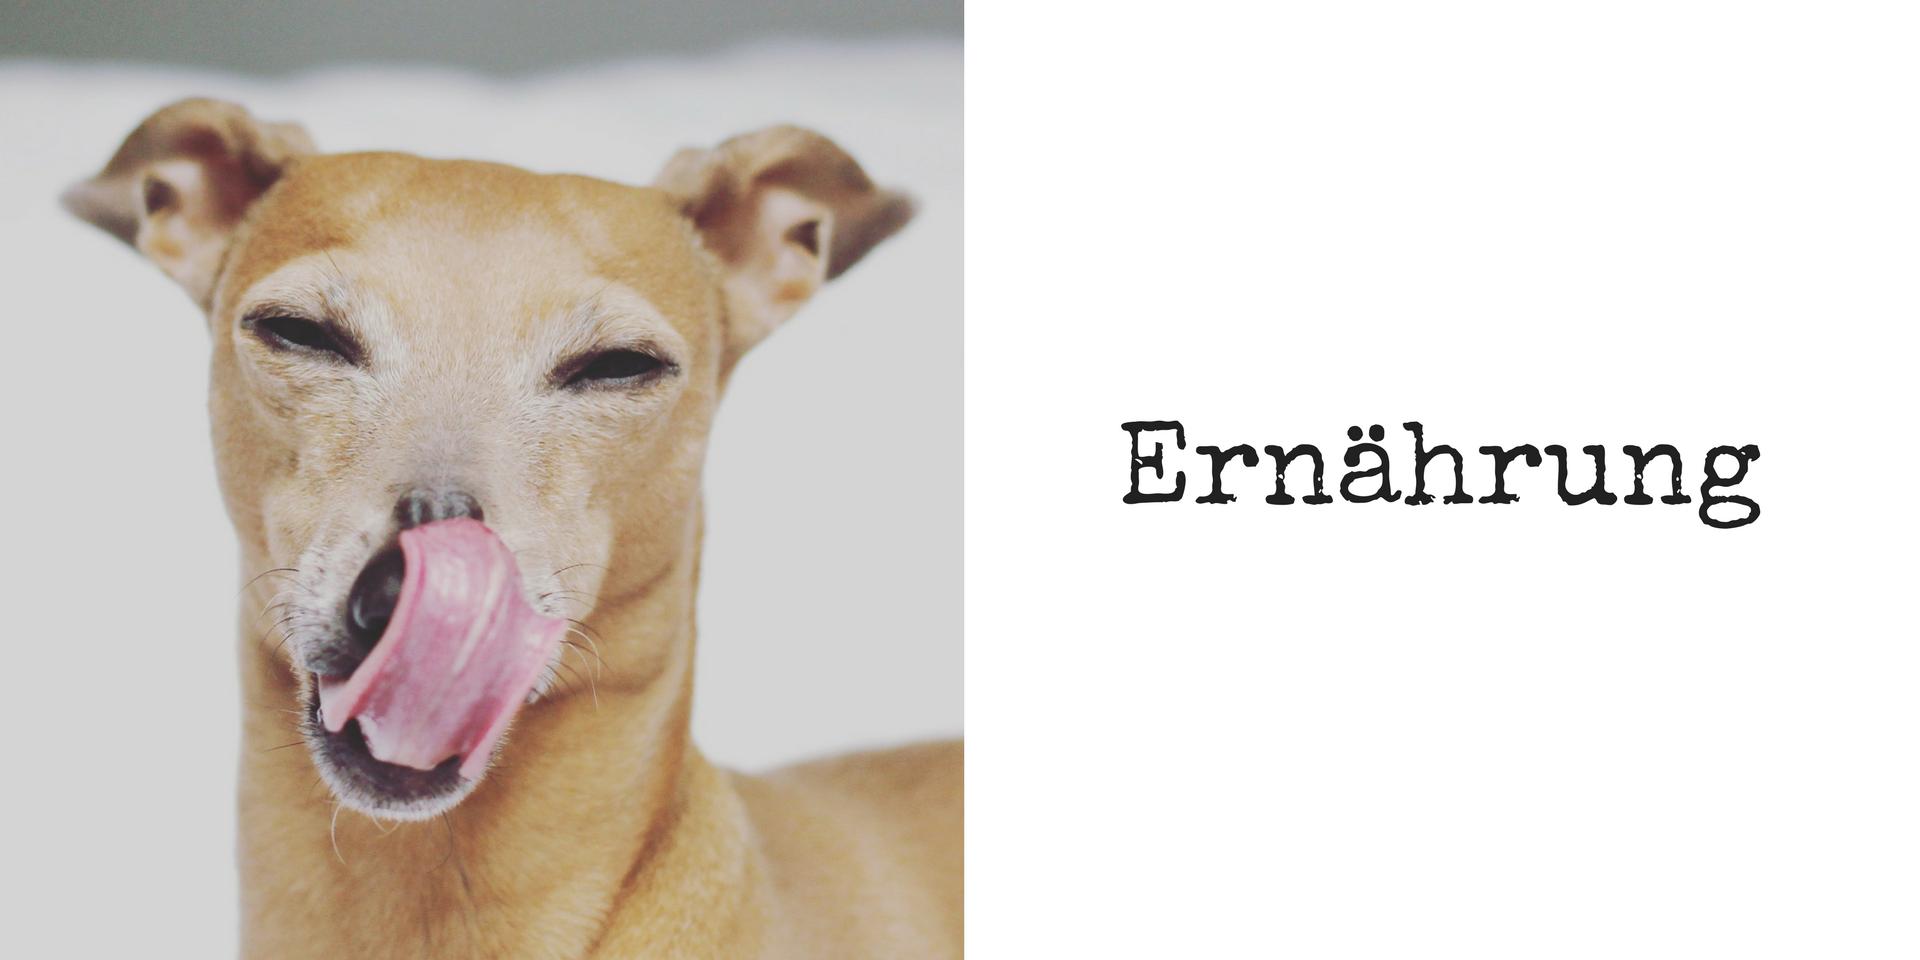 miDoggy Blog Community für Hunde Ernährung